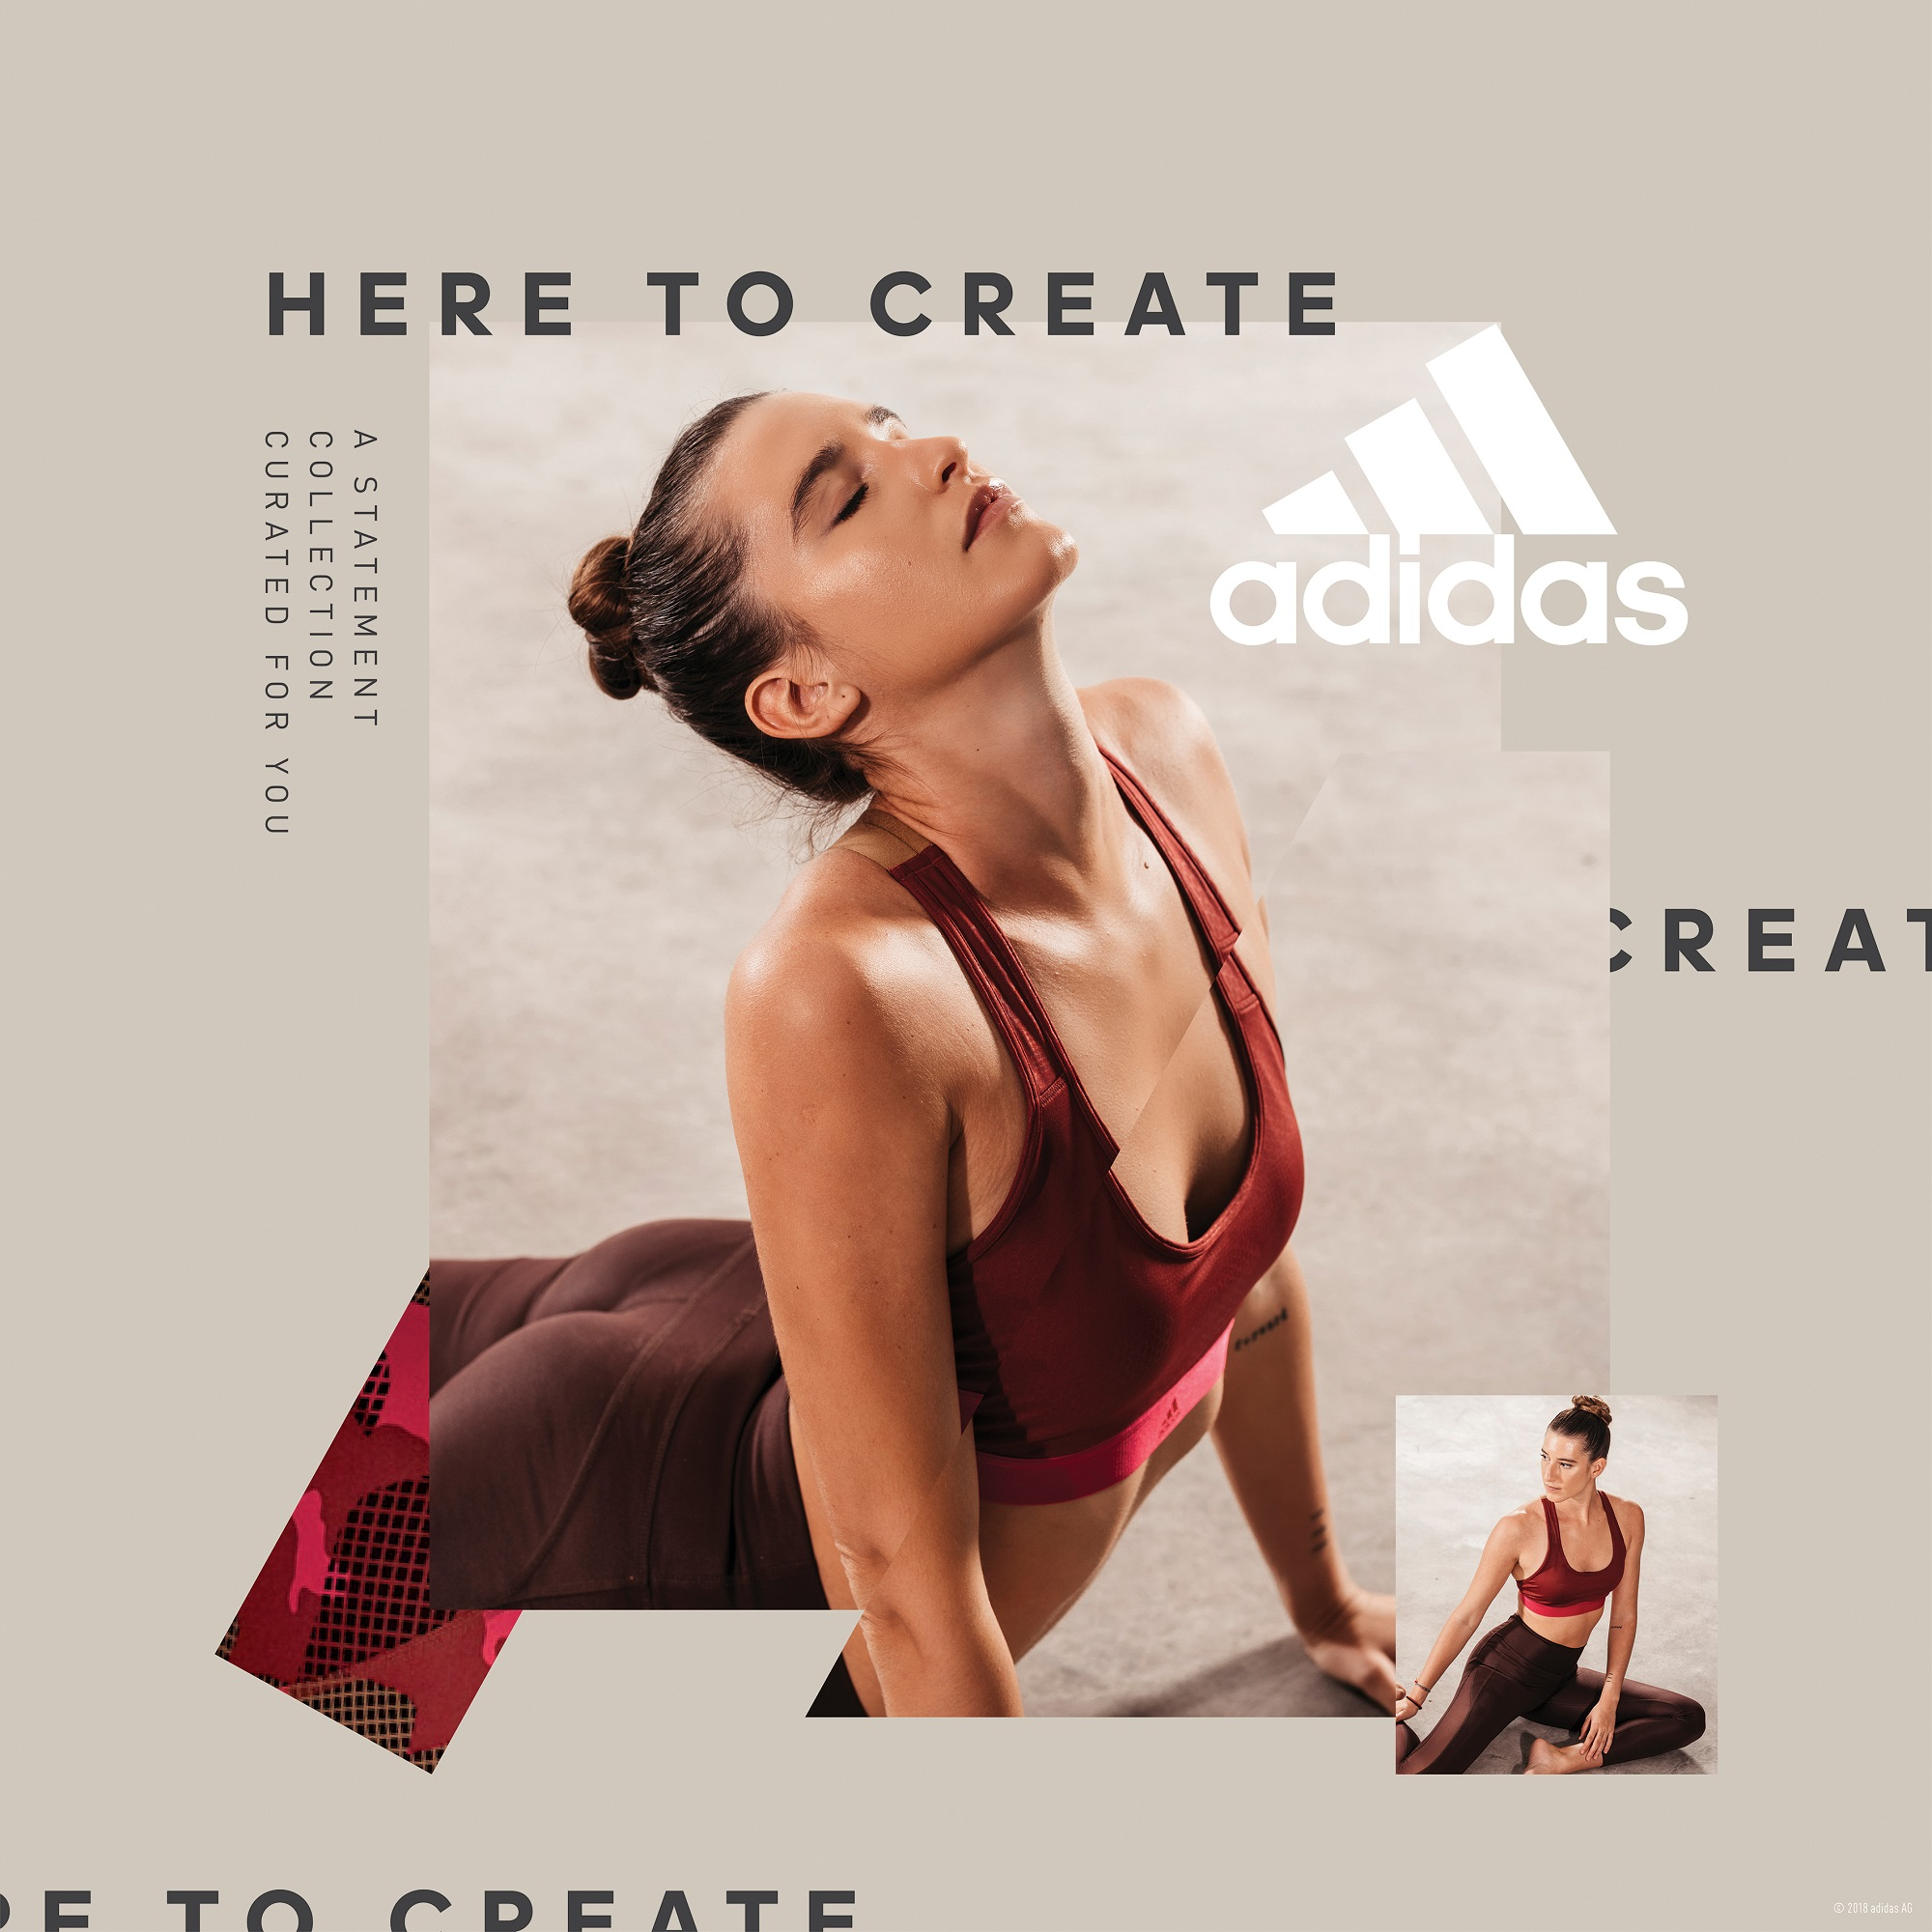 Η νέα limited Statement Collection των adidas Women υποστηρίζει τις γυναίκες σε κάθε τους προπόνηση